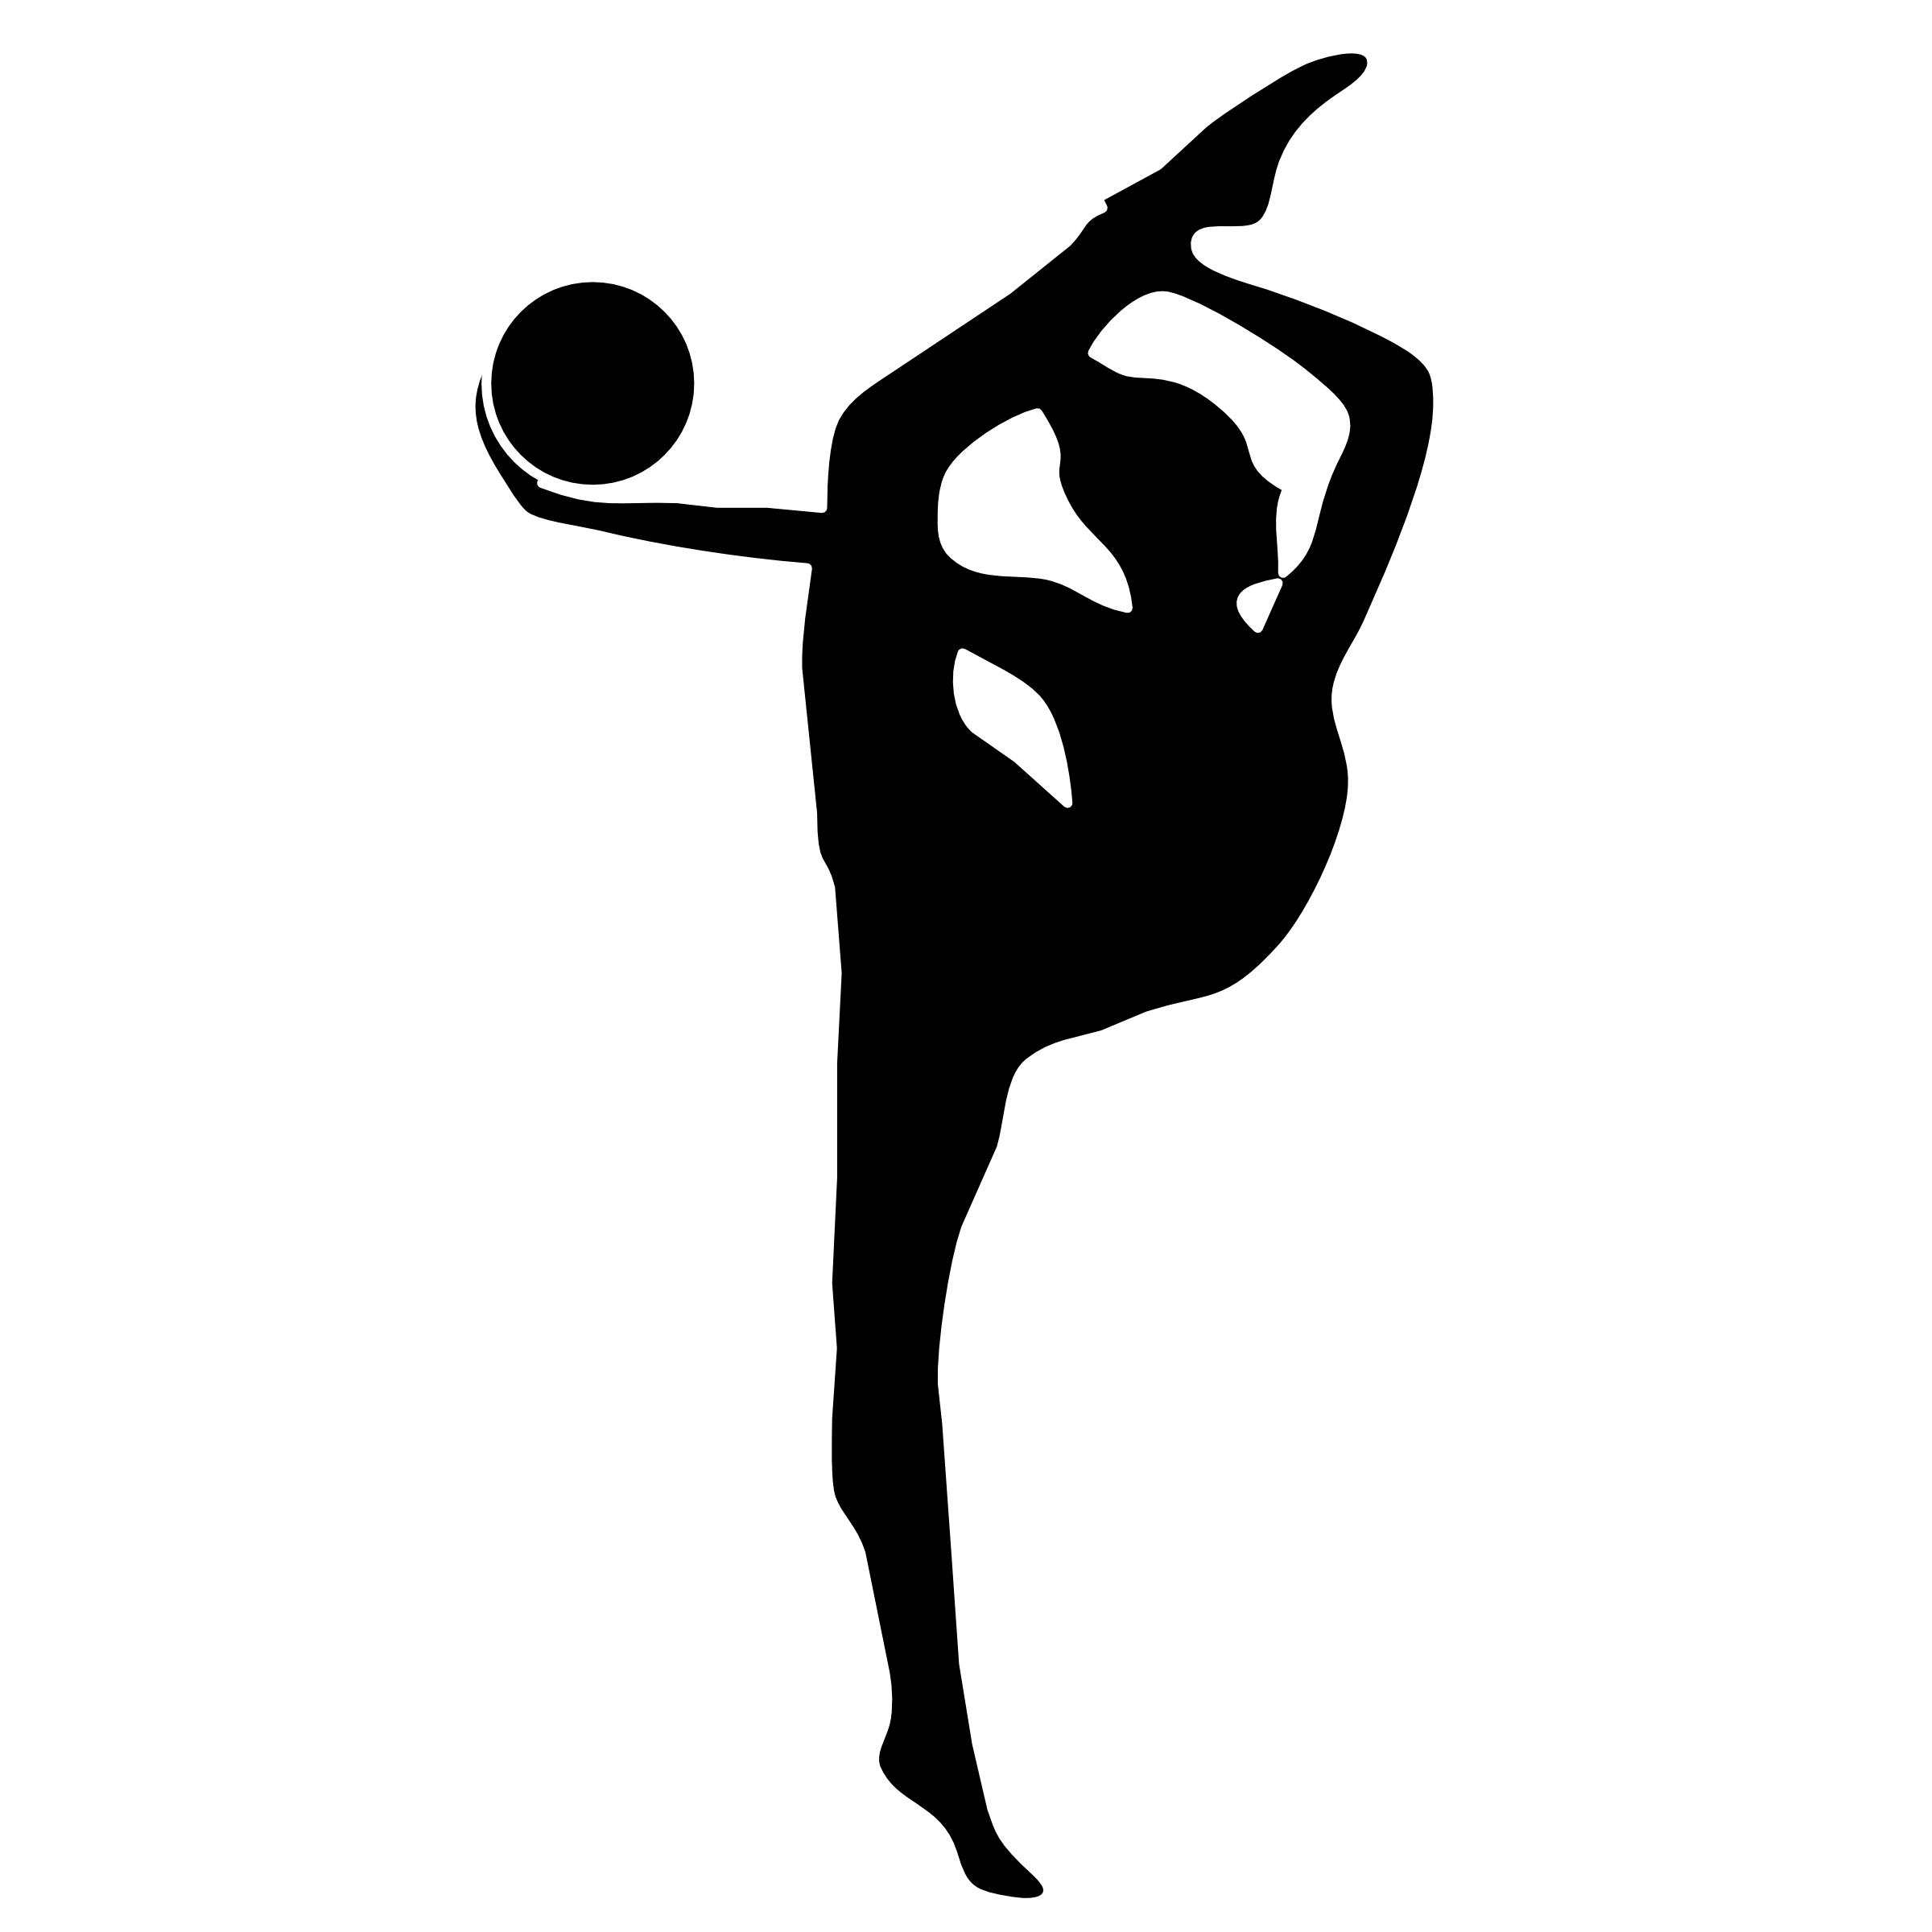 gymnastics vault clip art clipart panda free clipart images rh clipartpanda com free gymnastics clipart images free clipart gymnastics cartoon